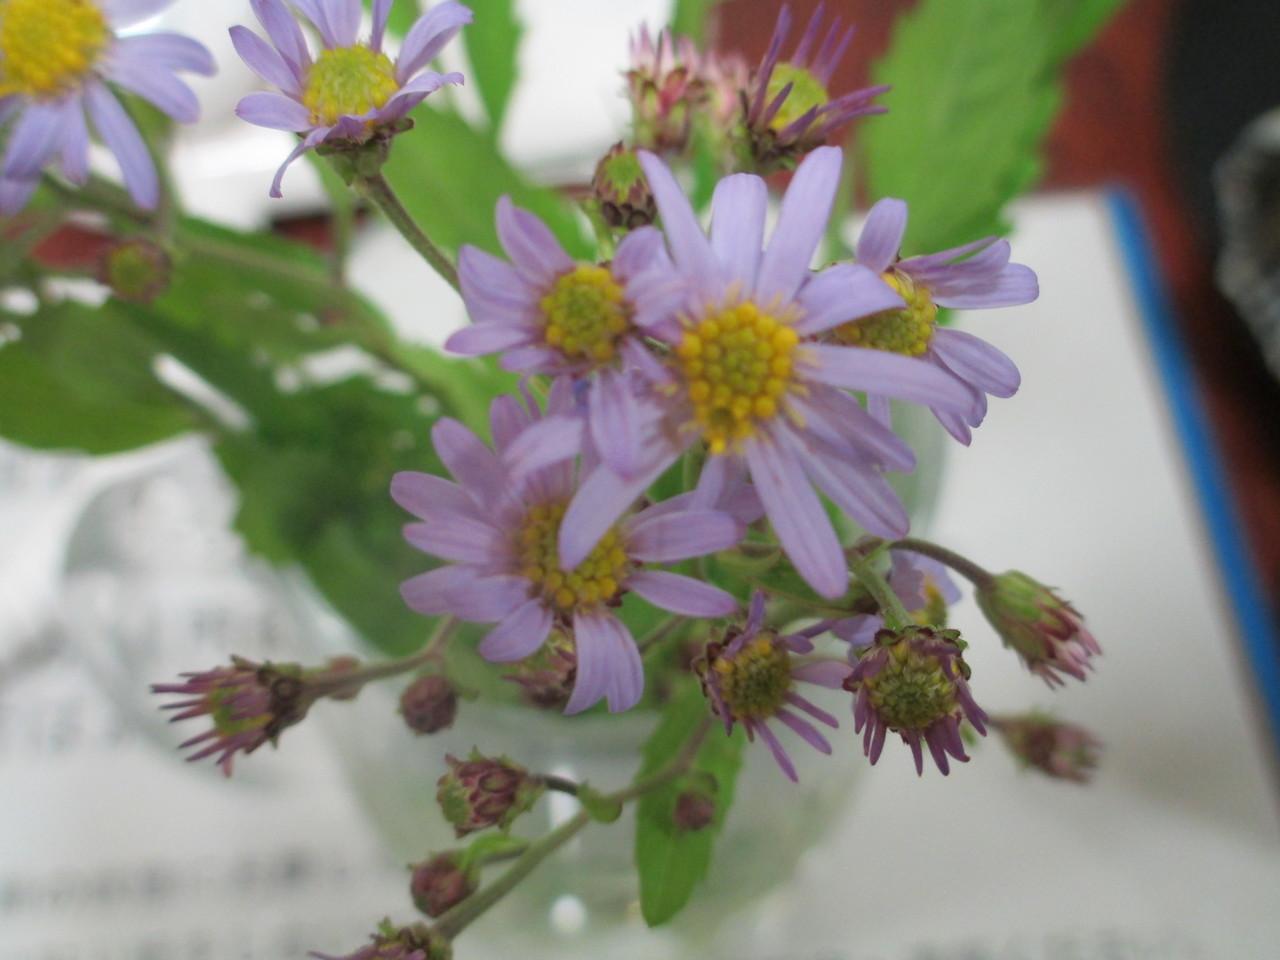 朝庭先で摘んだ野菊を前にアニーが「野菊」を独唱しました。